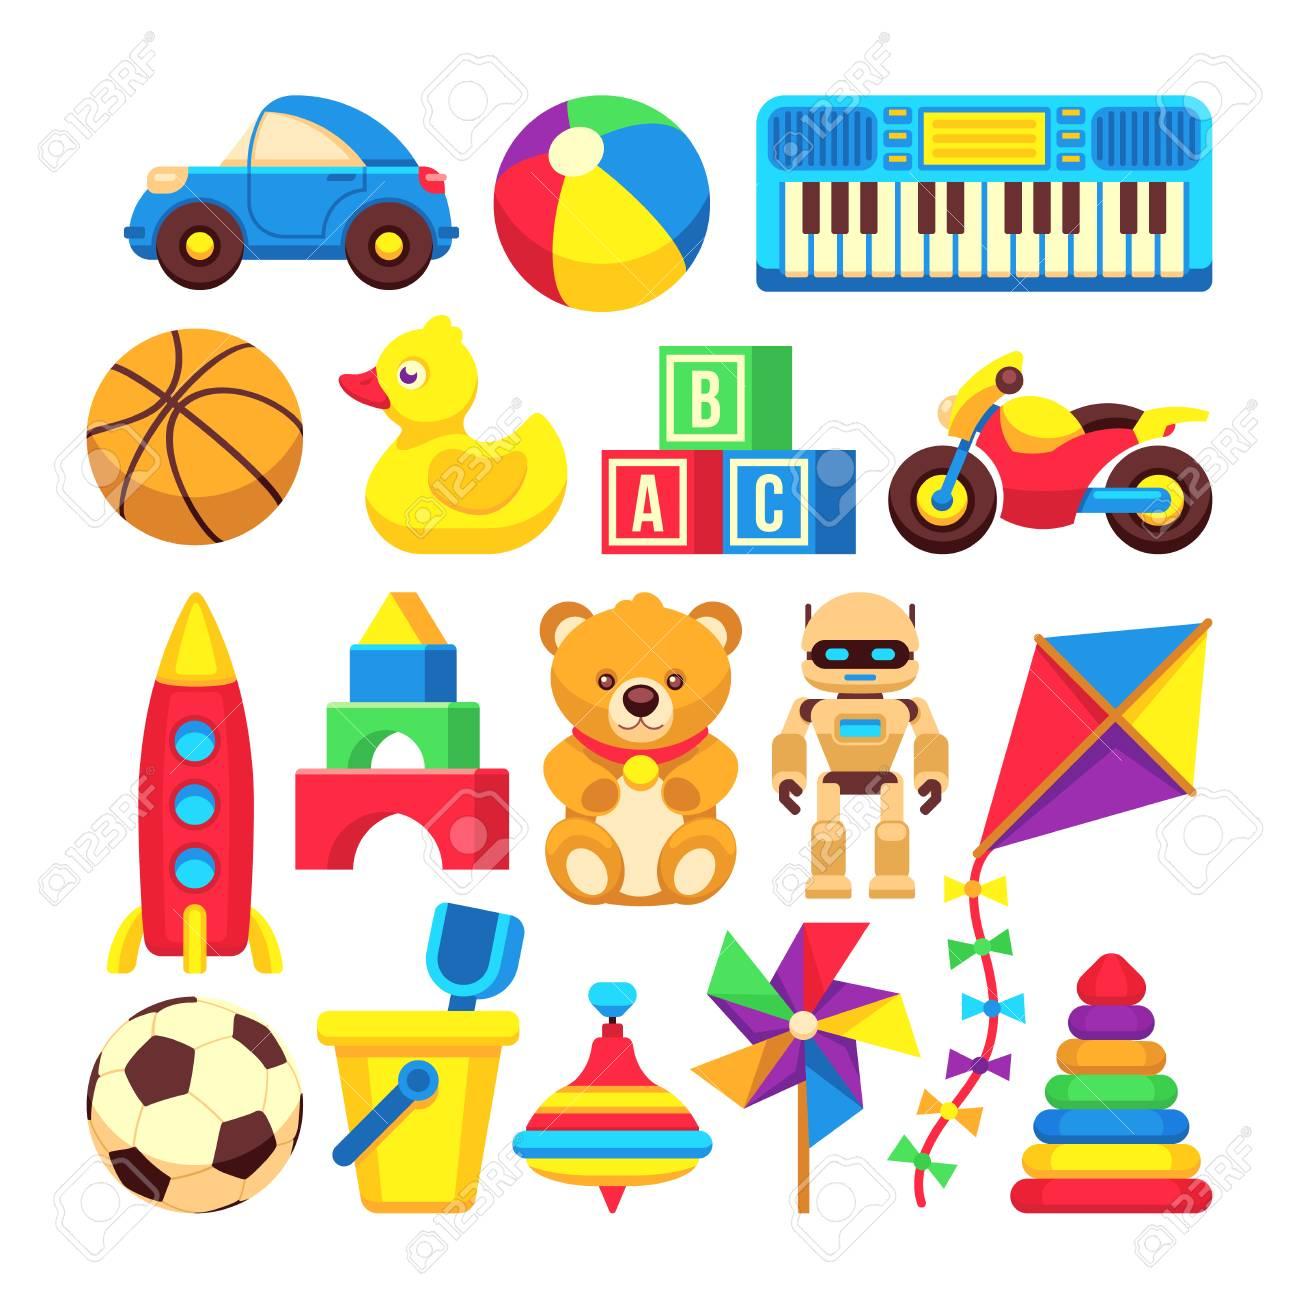 漫画の子供おもちゃベクター アイコン白で隔離 漫画赤ちゃんおもちゃボールとクマ 面白いおもちゃゲームのイラストのイラスト素材 ベクタ Image